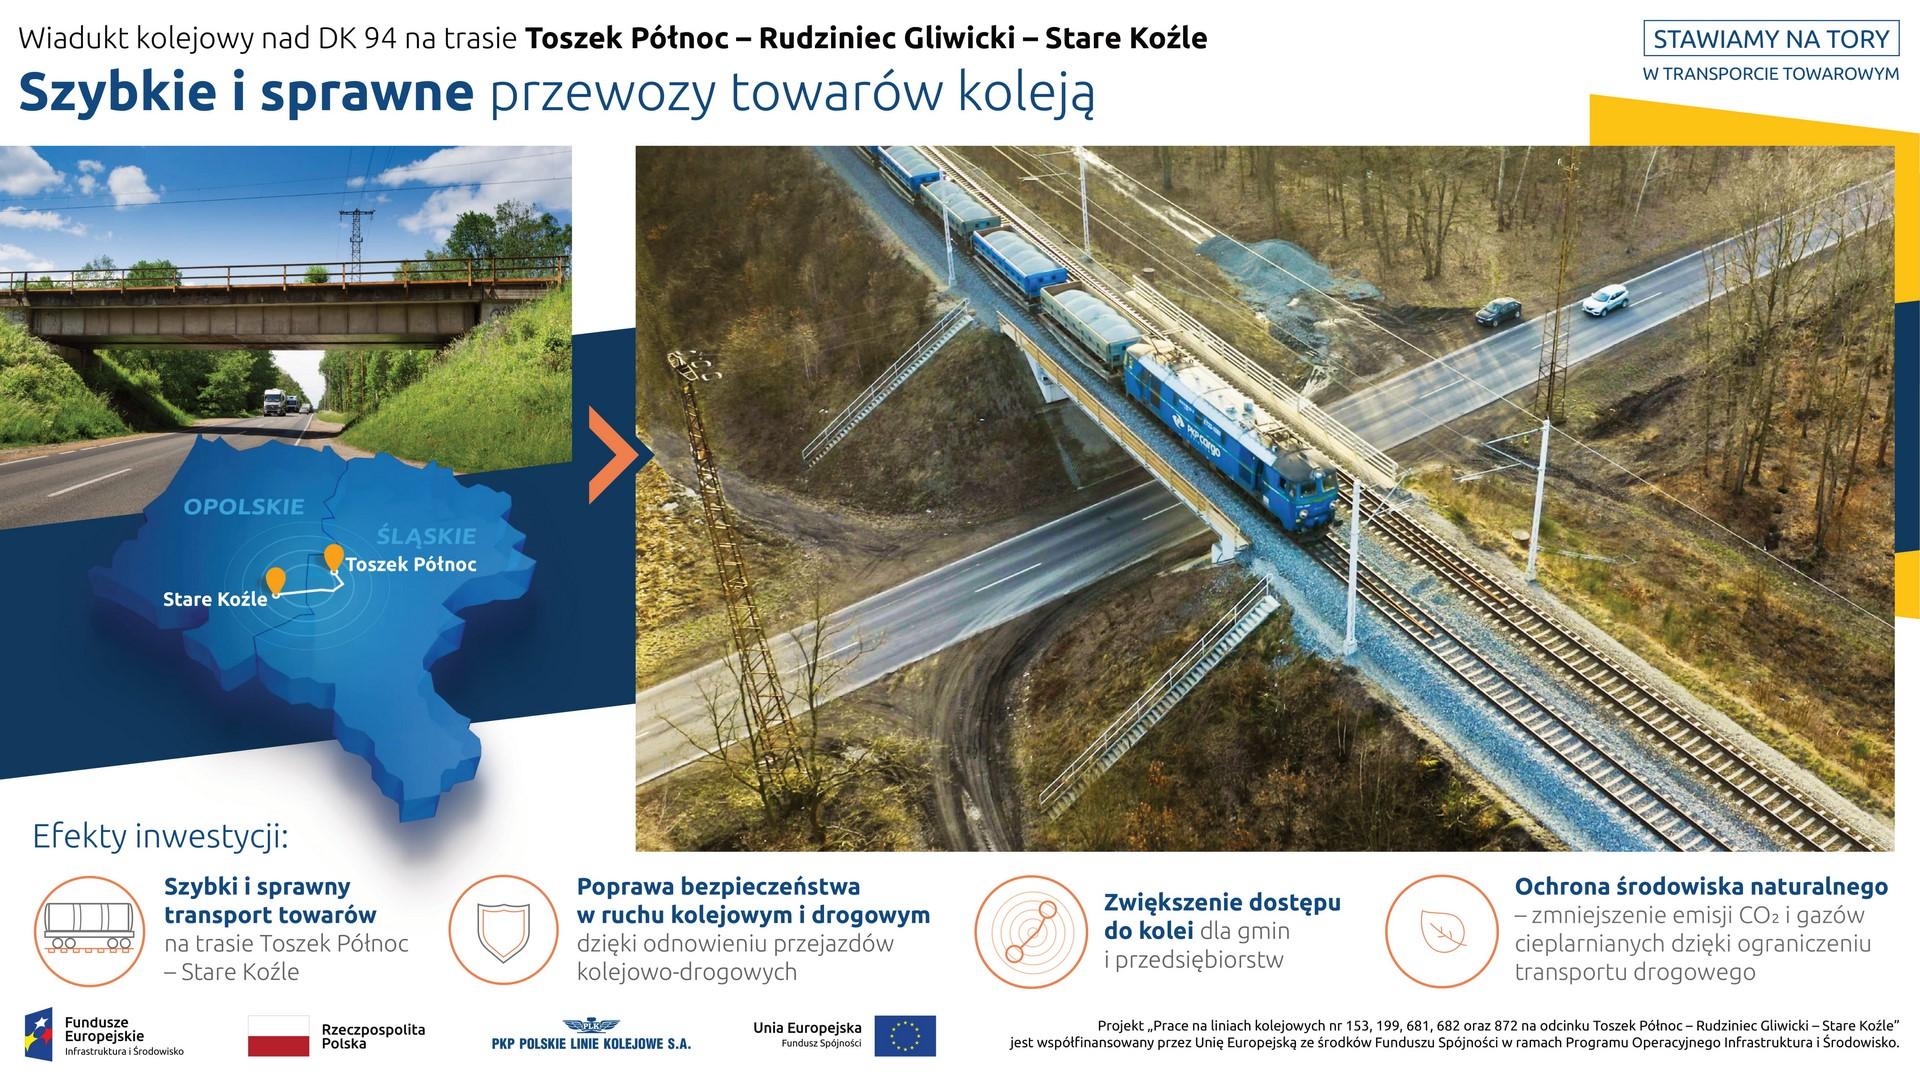 Na infografice prezentowane są dwa zdjęcia. Na pierwszym, mniejszym, z lewej strony, widnieje wiadukt kolejowy nad DK 49 przed rozpoczęciem inwestycji. Pod fotografią znajduje się grafika – mapka z sąsiadującymi ze sobą województwami śląskim i opolskim oraz zaznaczoną trasą kolejową z Toszek Północ do Stare Koźle. Natomiast z prawej strony infografiki widnieje zdjęcie z wiaduktem po jego przebudowie, a na nim przejeżdżający pociąg towarowy. Pod niżej prezentowane są korzyści wynikające z realizacji projektu: szybki i sprawny transport towarów, poprawa bezpieczeństwa w ruchu kolejowym i drogowym, zwiększenie dostępu do kolei oraz ochrona środowiska naturalnego.